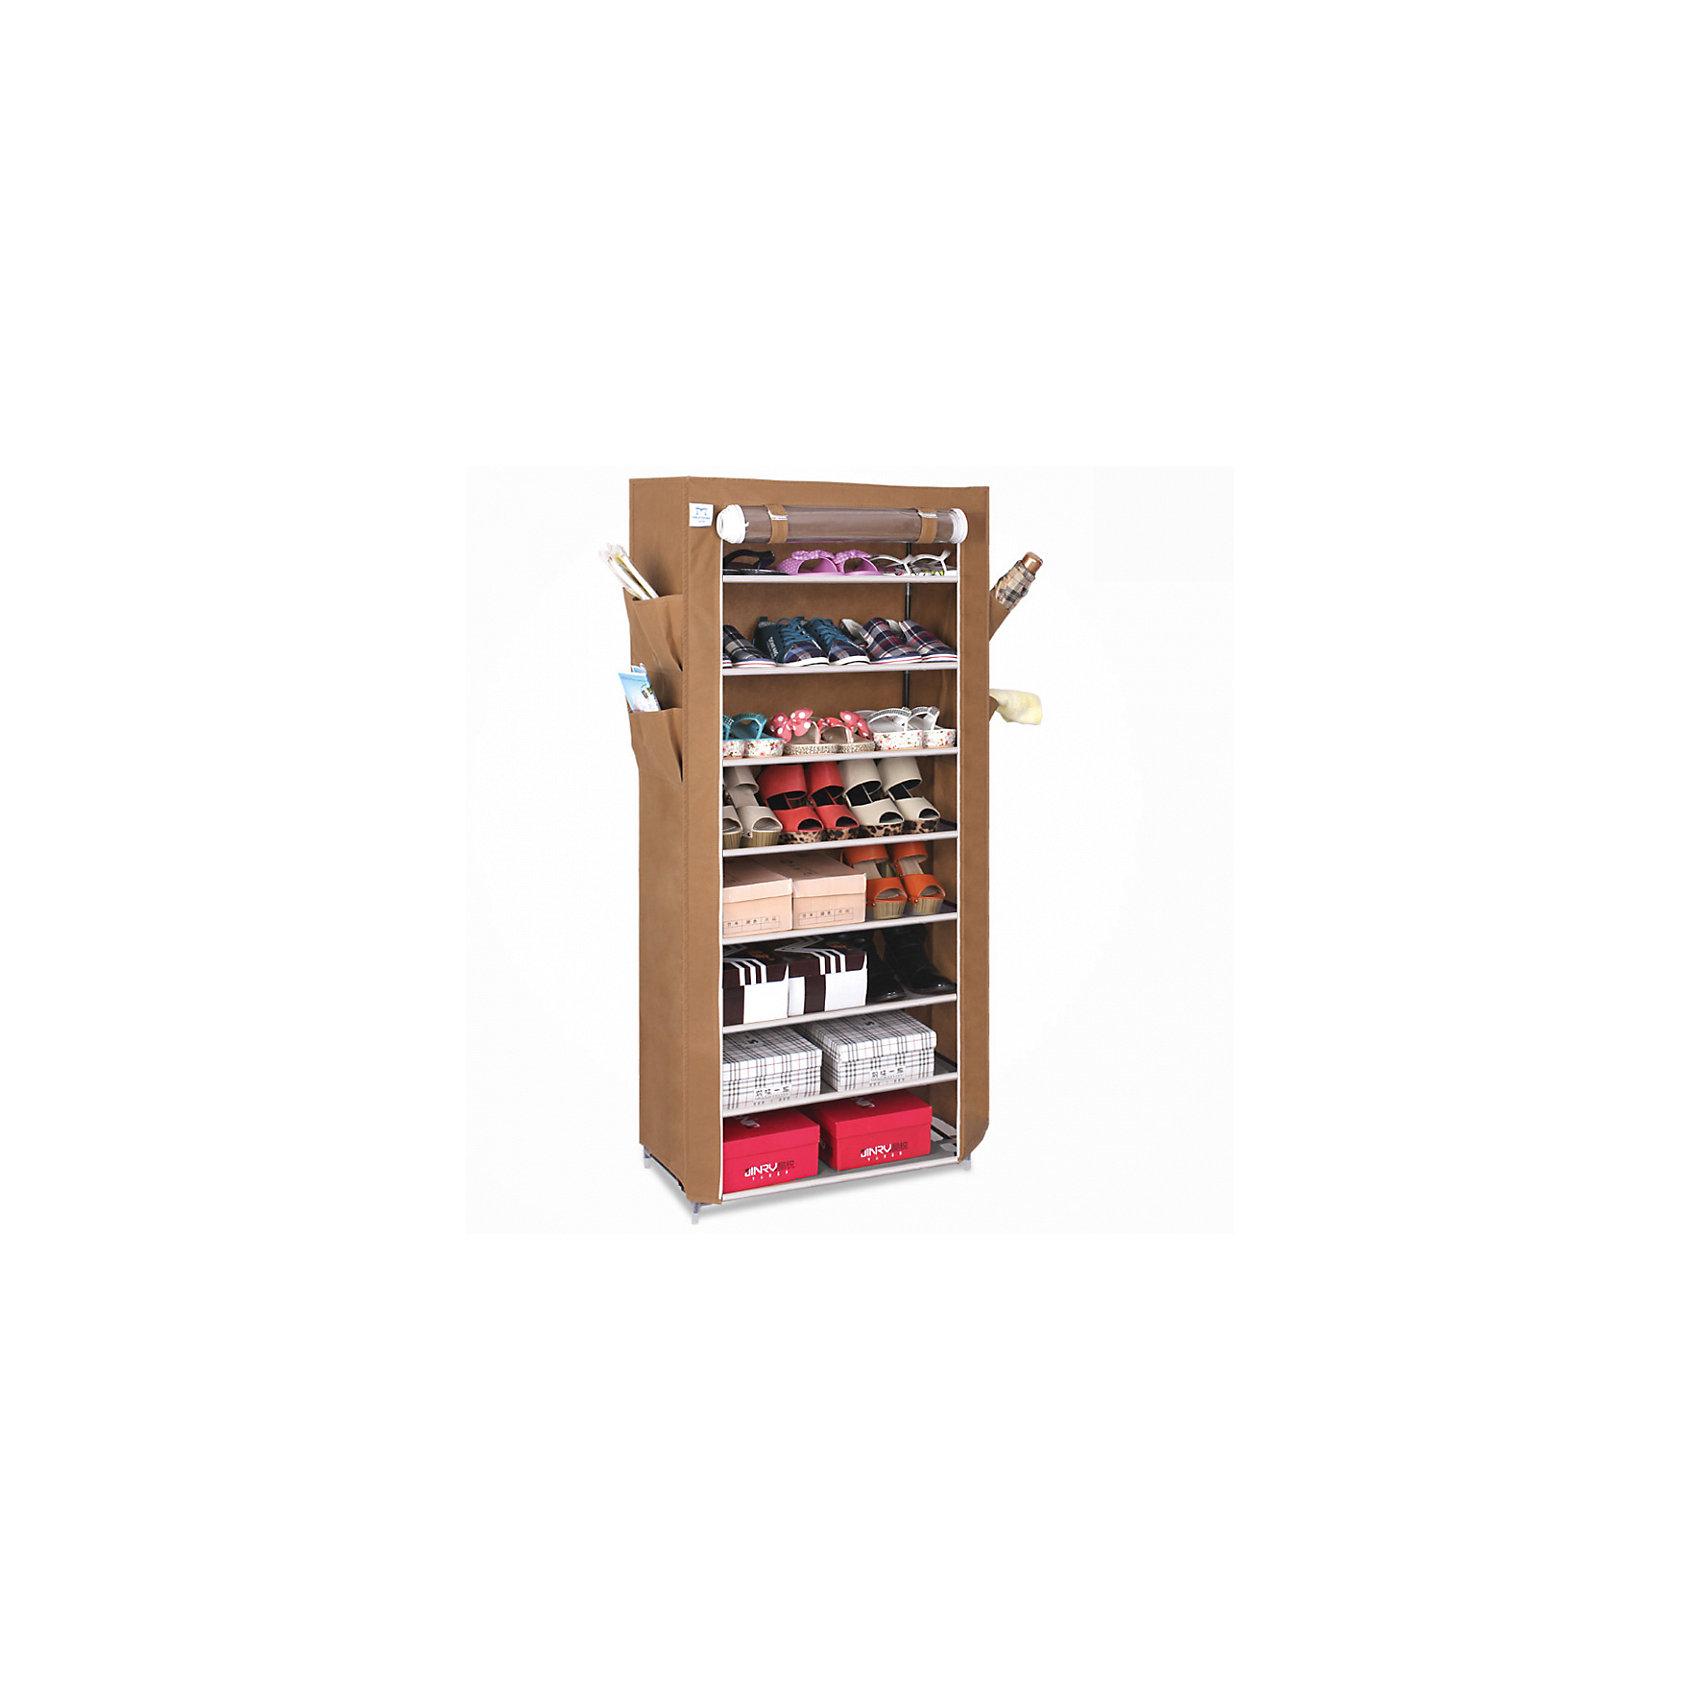 Тканевый шкаф для обуви и аксессуаров Элис, Homsu, коричневыйПорядок в детской<br>Этот шкаф предназначен для комфортного, практичного и удобного хранения обуви и других предметов в вашем доме.<br>Выполненный в коричневом цвете, такой шкаф вполне может стать полноценным дополнением к вашей уютной домашней обстановке. 8 полок для обуви размером 60Х30см плюс боковые кармашки для тапочек, зонтов и всяких мелочей надолго обеспечат полный порядок в прихожей..<br><br>Ширина мм: 600<br>Глубина мм: 260<br>Высота мм: 70<br>Вес г: 3000<br>Возраст от месяцев: 216<br>Возраст до месяцев: 1188<br>Пол: Унисекс<br>Возраст: Детский<br>SKU: 5620242